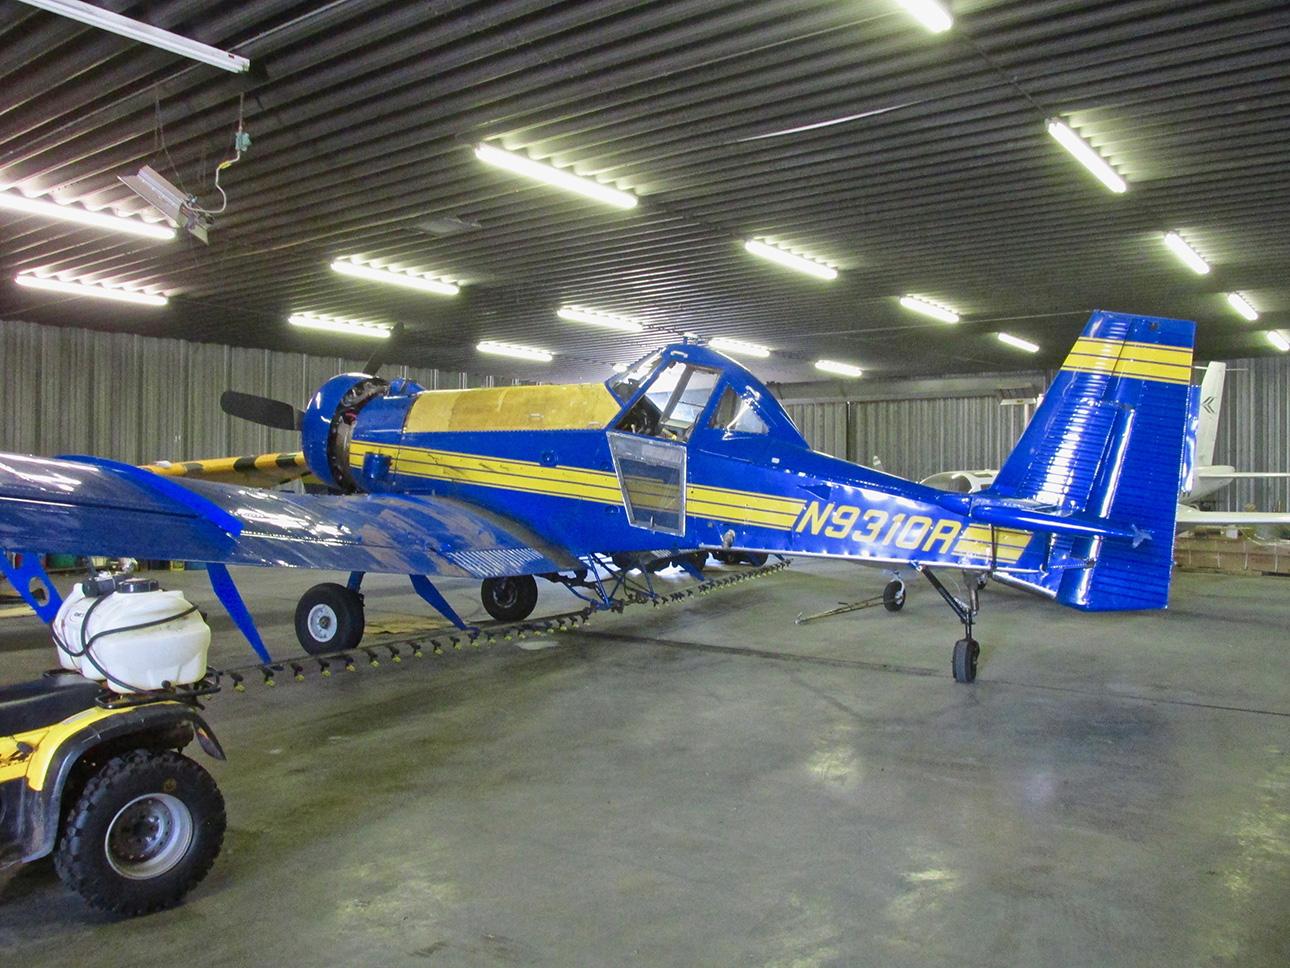 Air Tractor Crop Duster Airplane Oval Vinyl Decal Indoor Outdoor